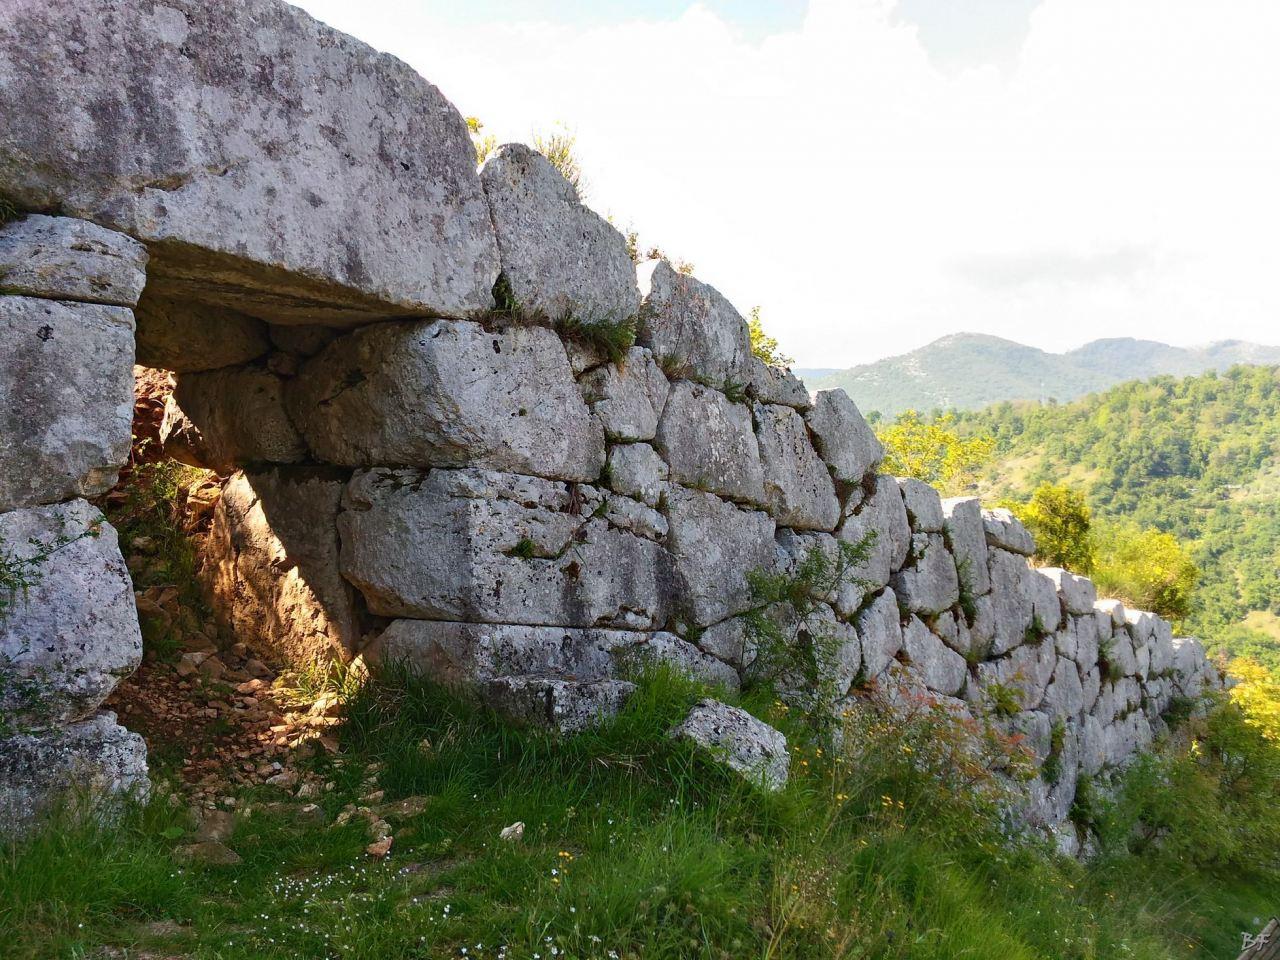 Signia-Mura-Poligonali-Megalitiche-Segni-Roma-Lazio-Italia-11